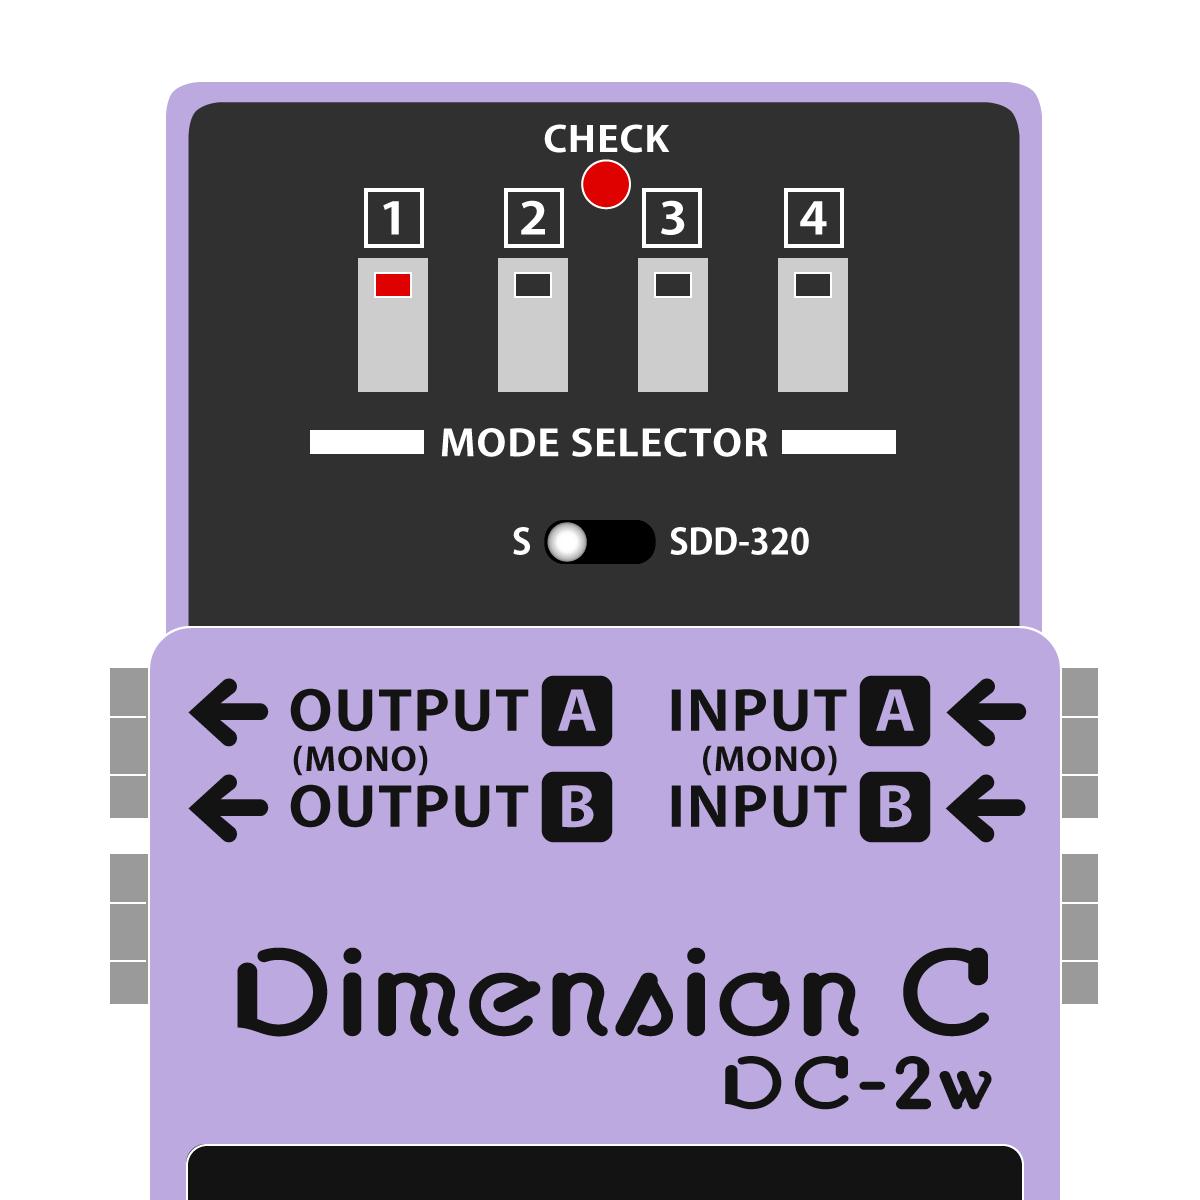 DC-2W DimensionC WAZA Craft(ディメンションC・技クラフトシリーズ)